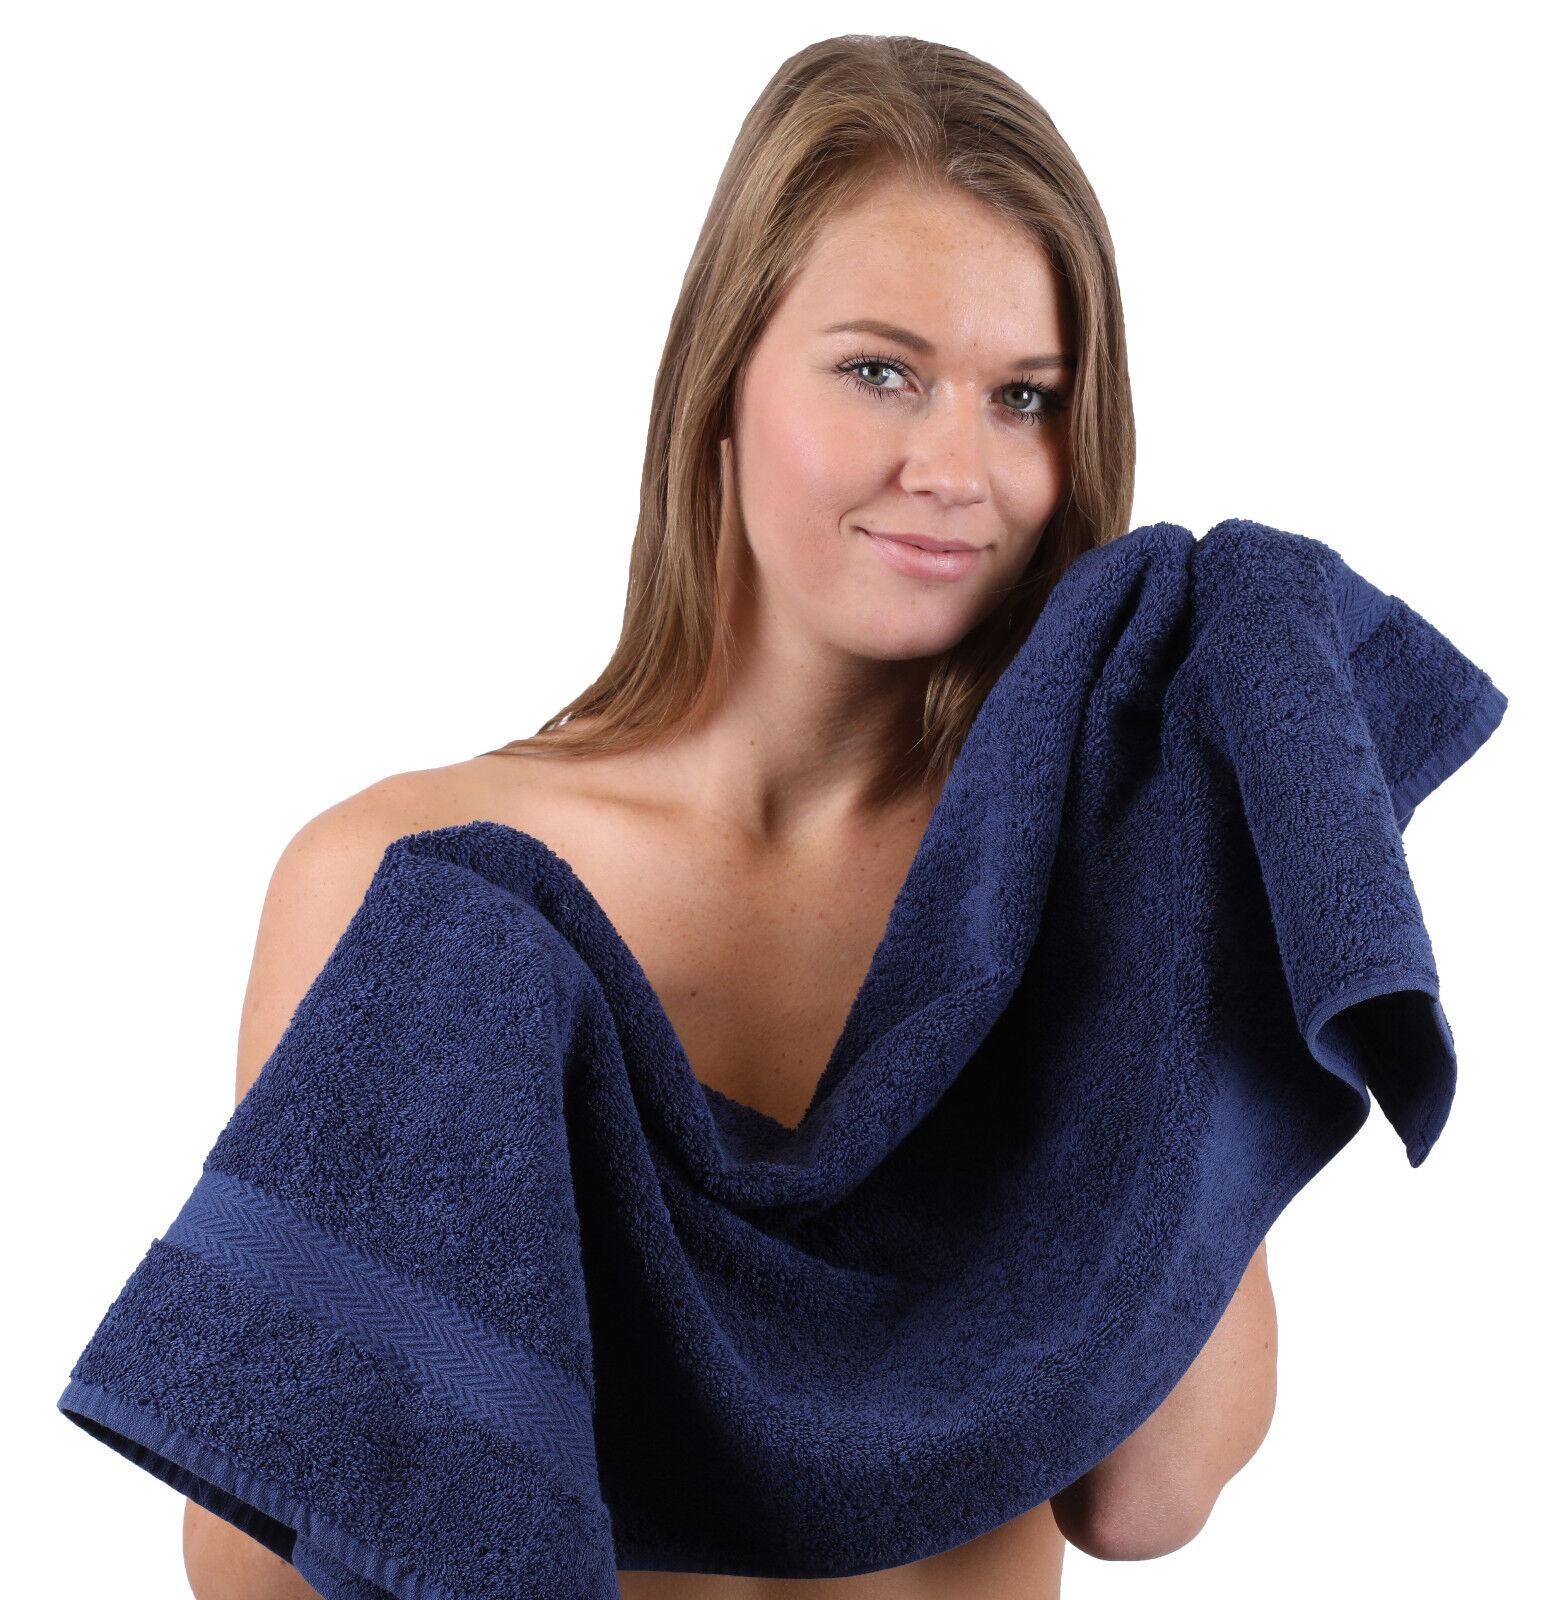 Betz 10tlg Handtuch Set PREMIUM Duschtuch Handtücher Handtücher Handtücher Gästetuch Waschhandschuhe       Outlet  bf12a7